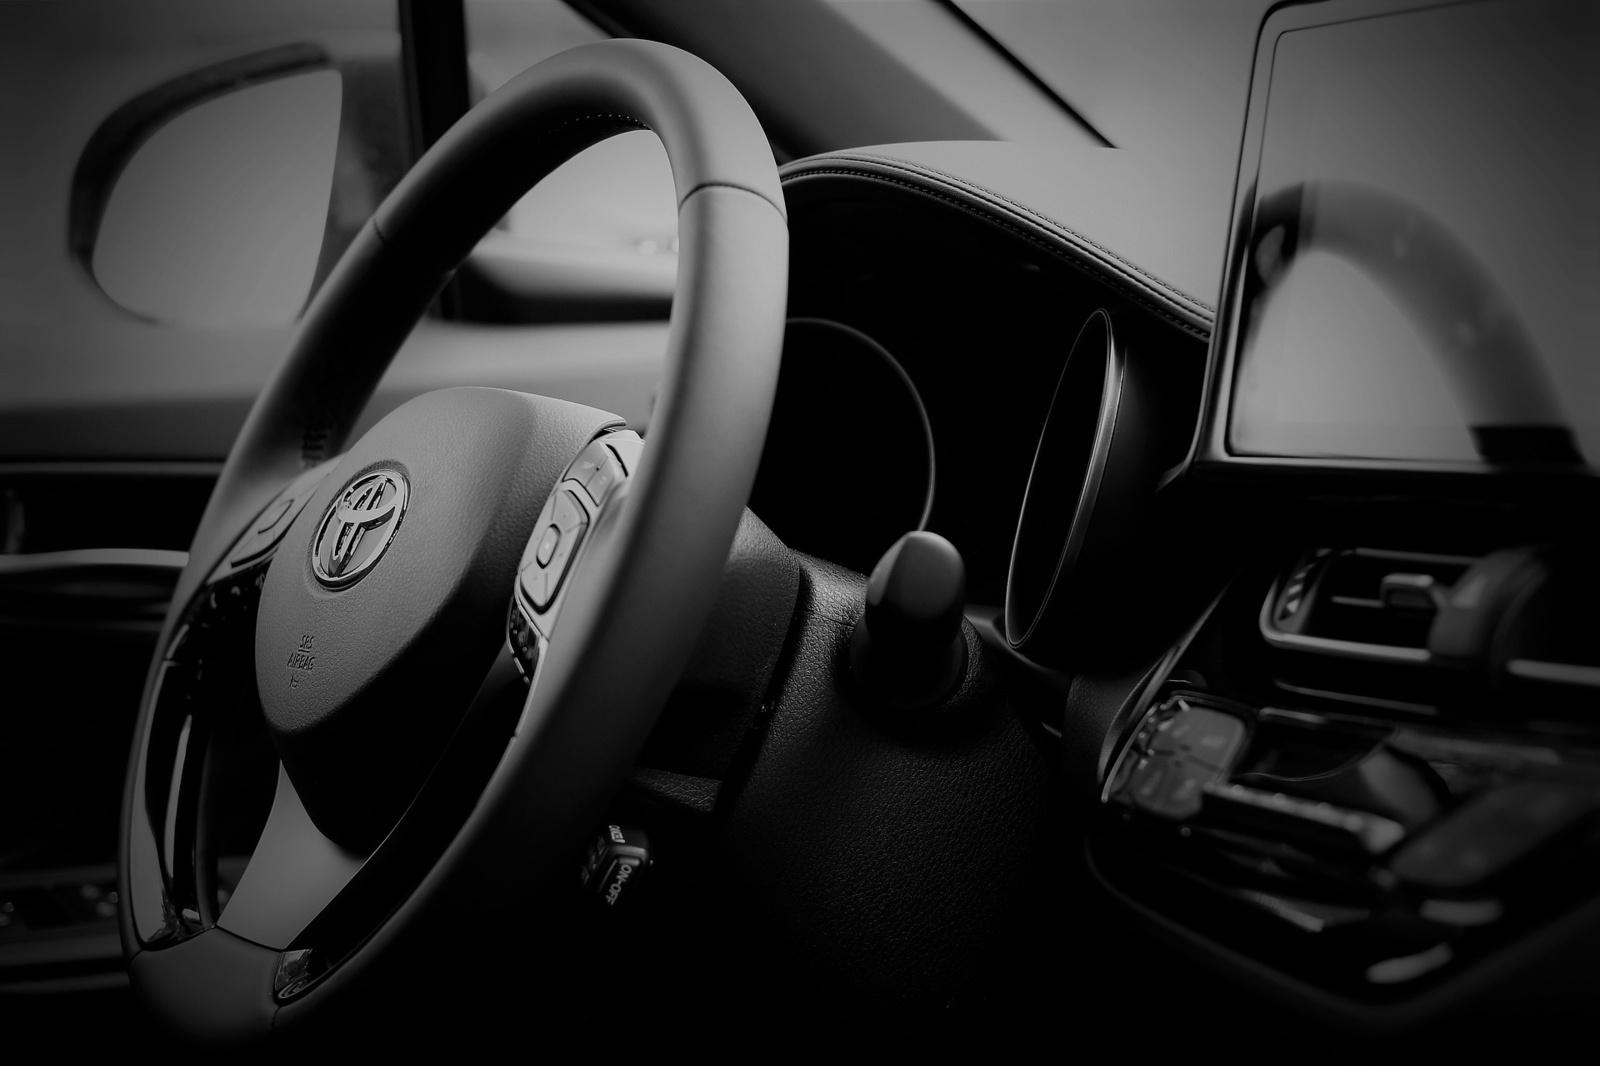 Kaune jaunuoliai į automobilį pripurškė ašarinių dujų